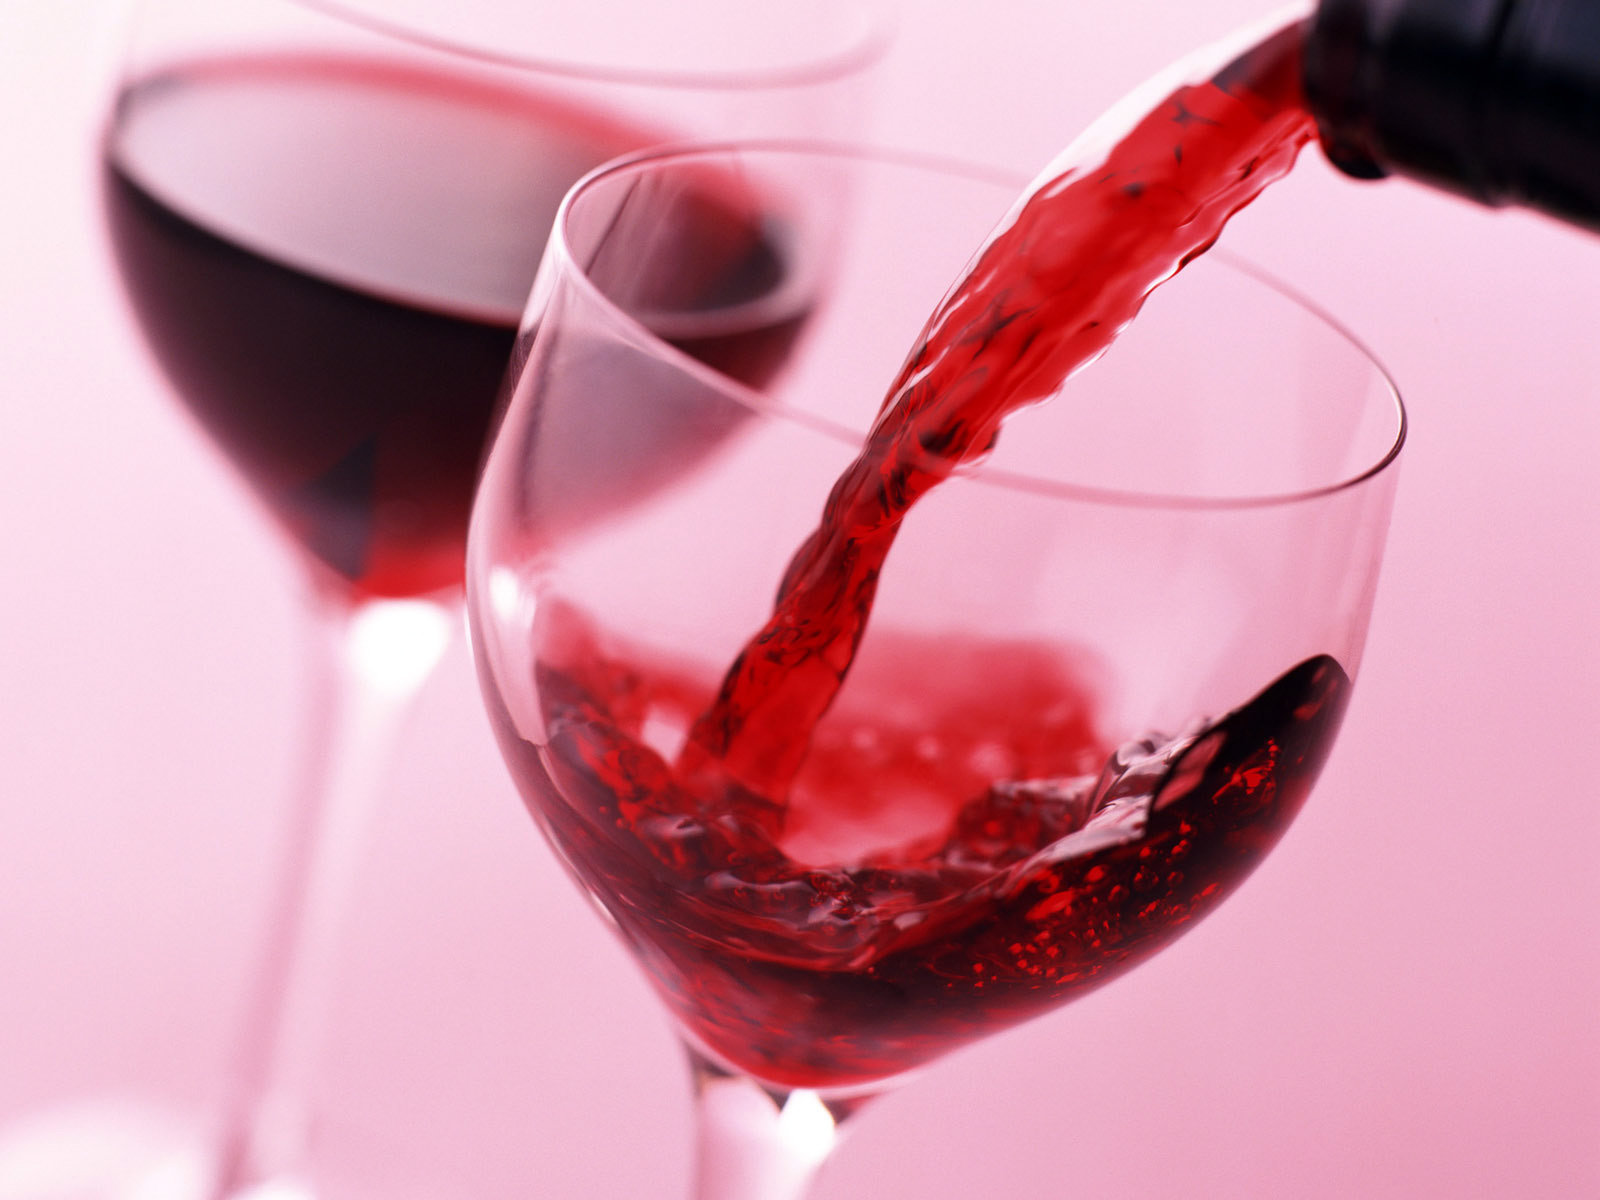 Chăm sóc da bằng rượu vang